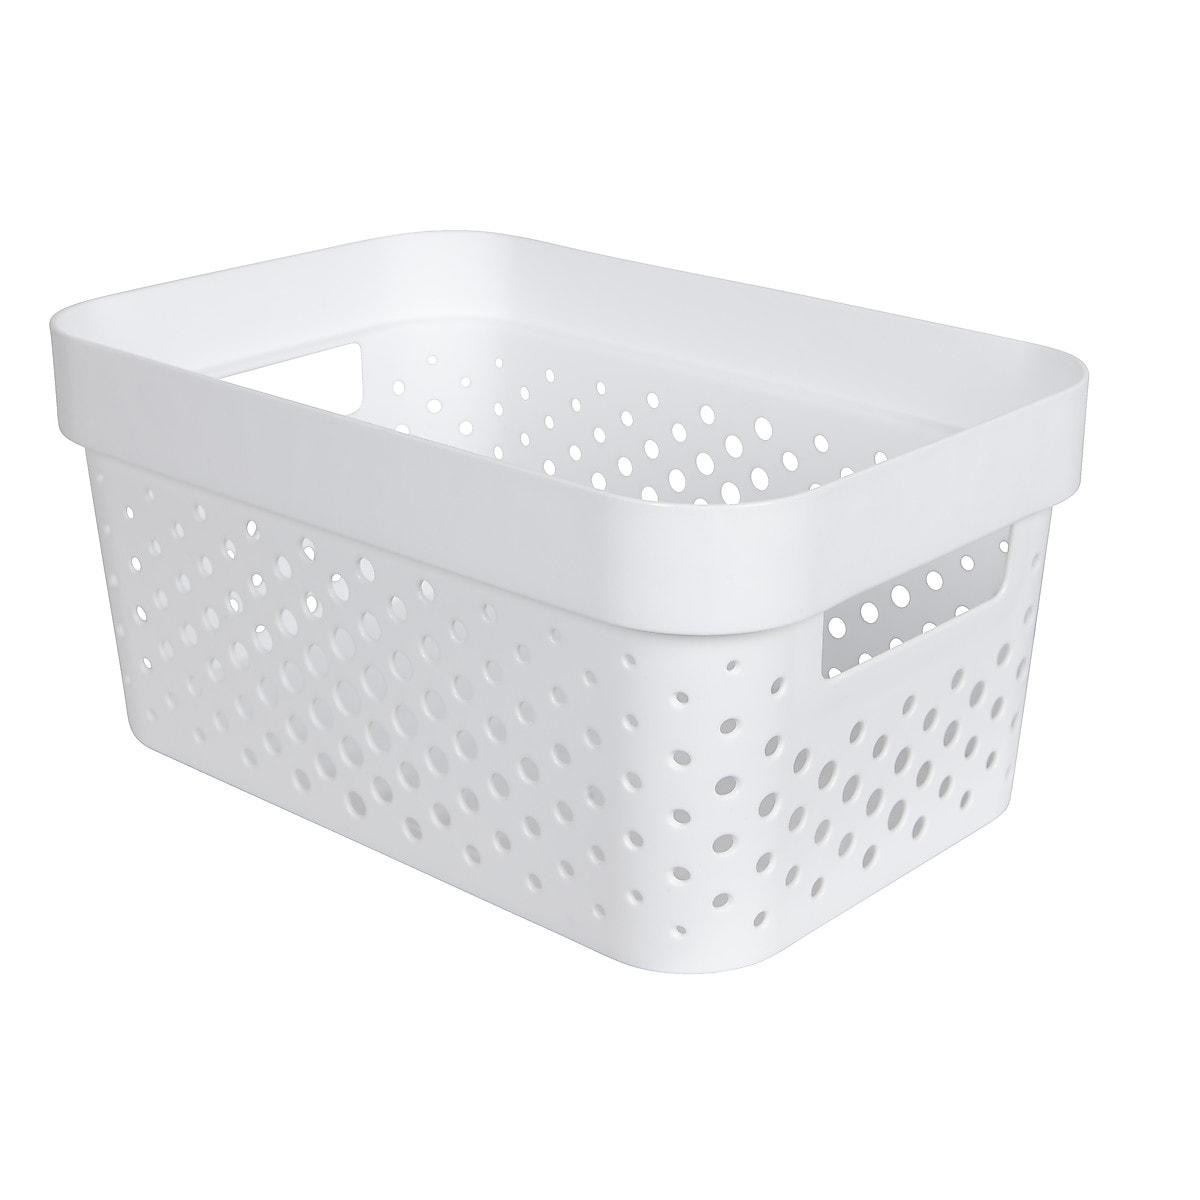 Infinity 4.5 L Storage Basket